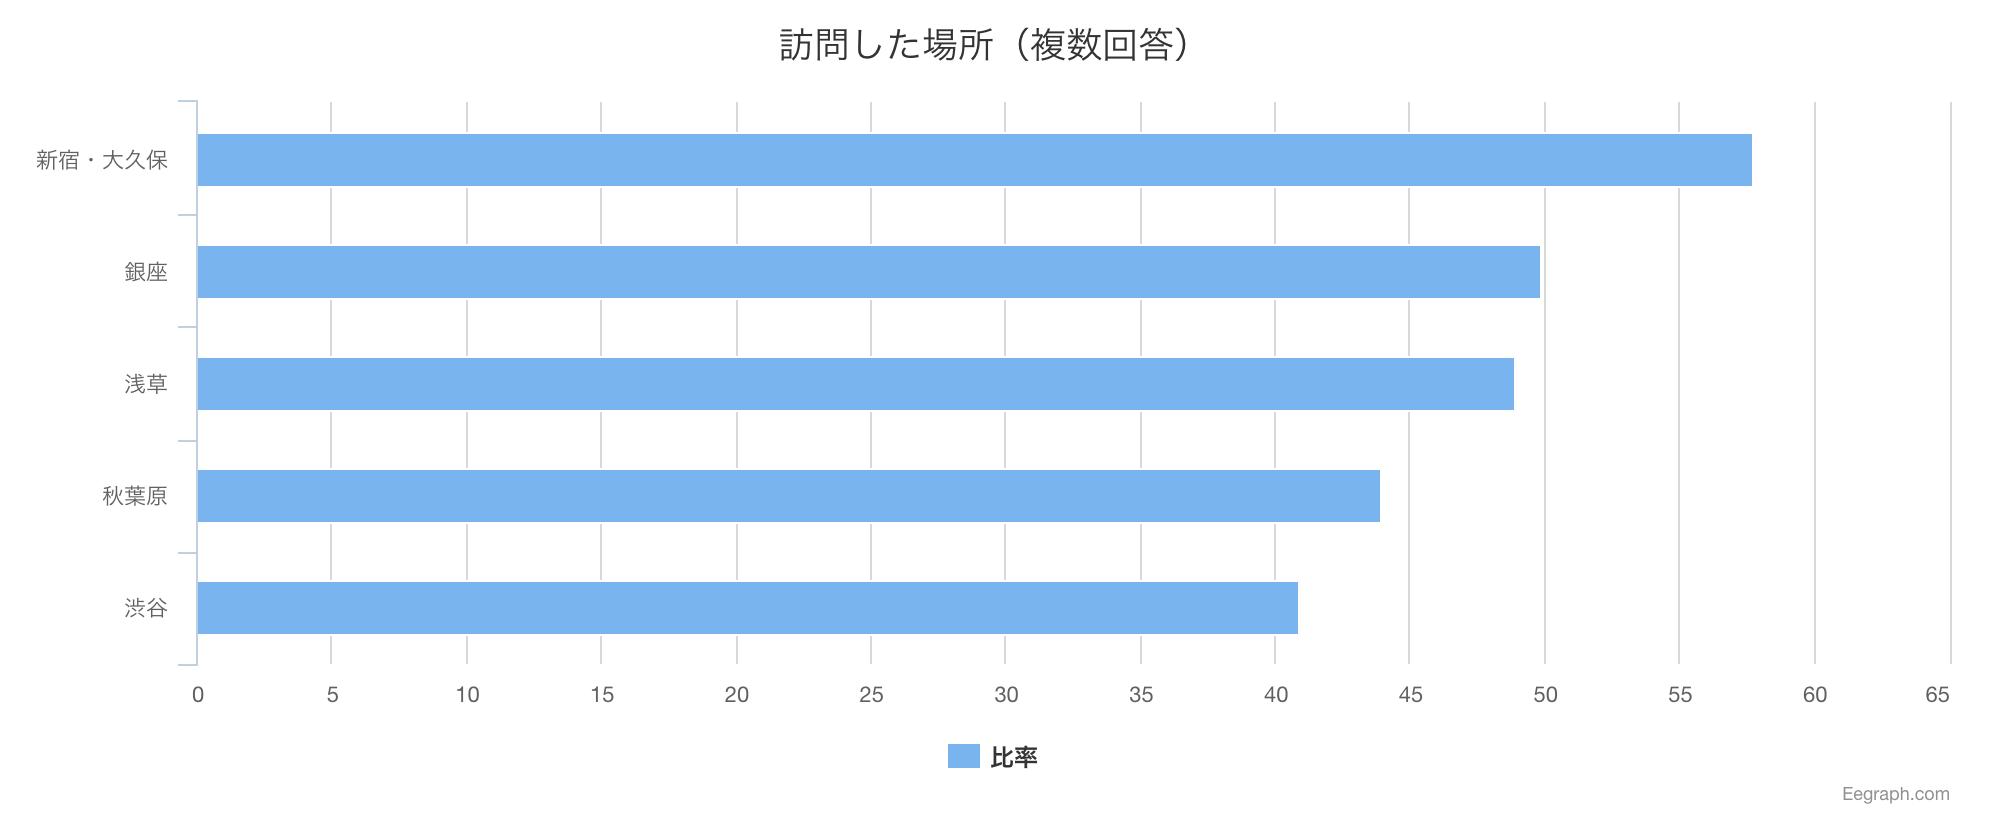 tokyo-popular